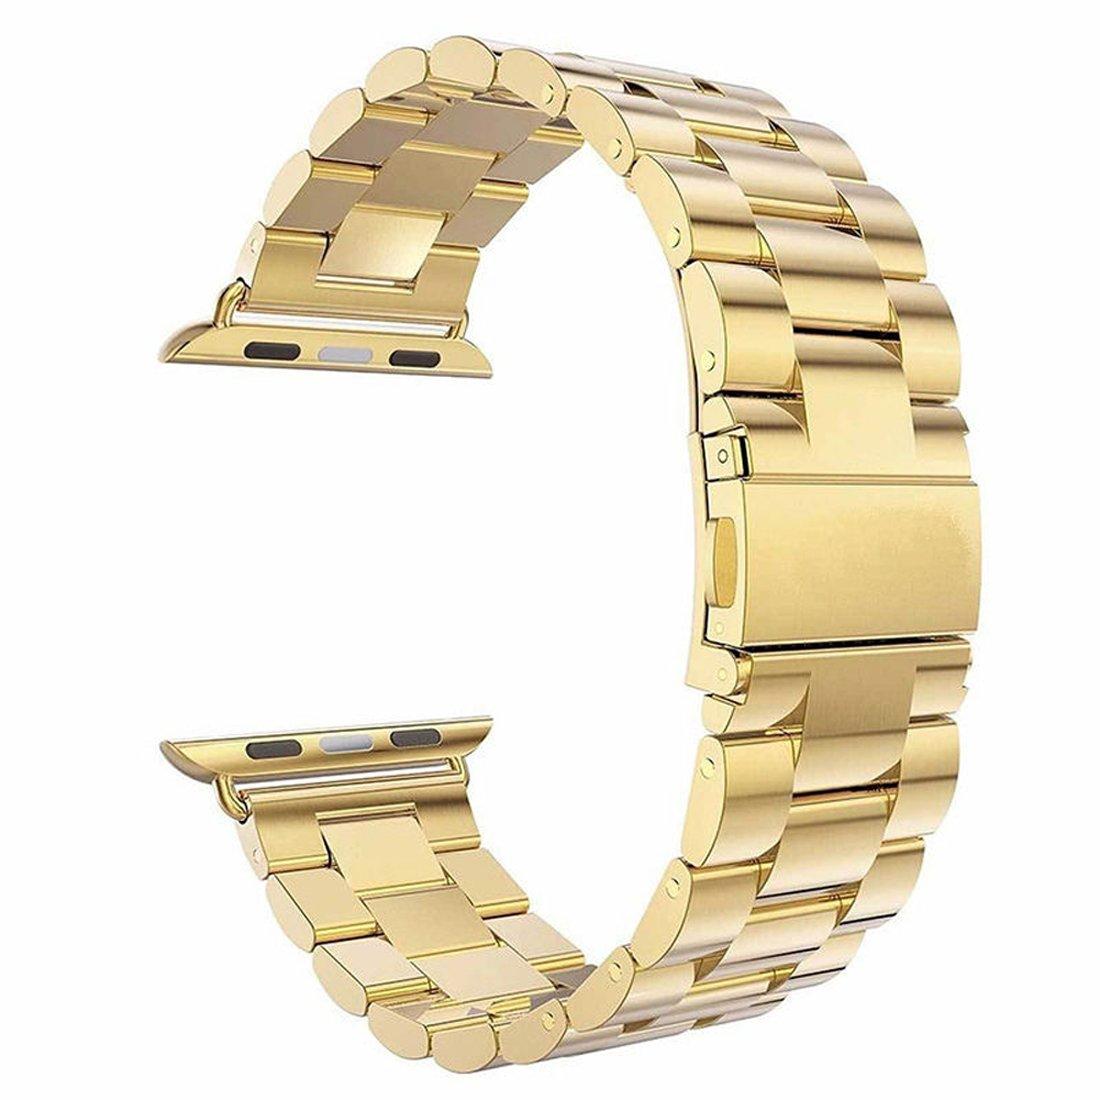 ANGGO 腕時計バンド ステンレススチールiWatchストラップ 交換用腕時計ブレスレットApple Watchシリーズ3 シリーズ2 シリーズ1 すべてのバージョン用 42mm / Gold 42mm / Gold 42mm / Gold B0719H6QJQ